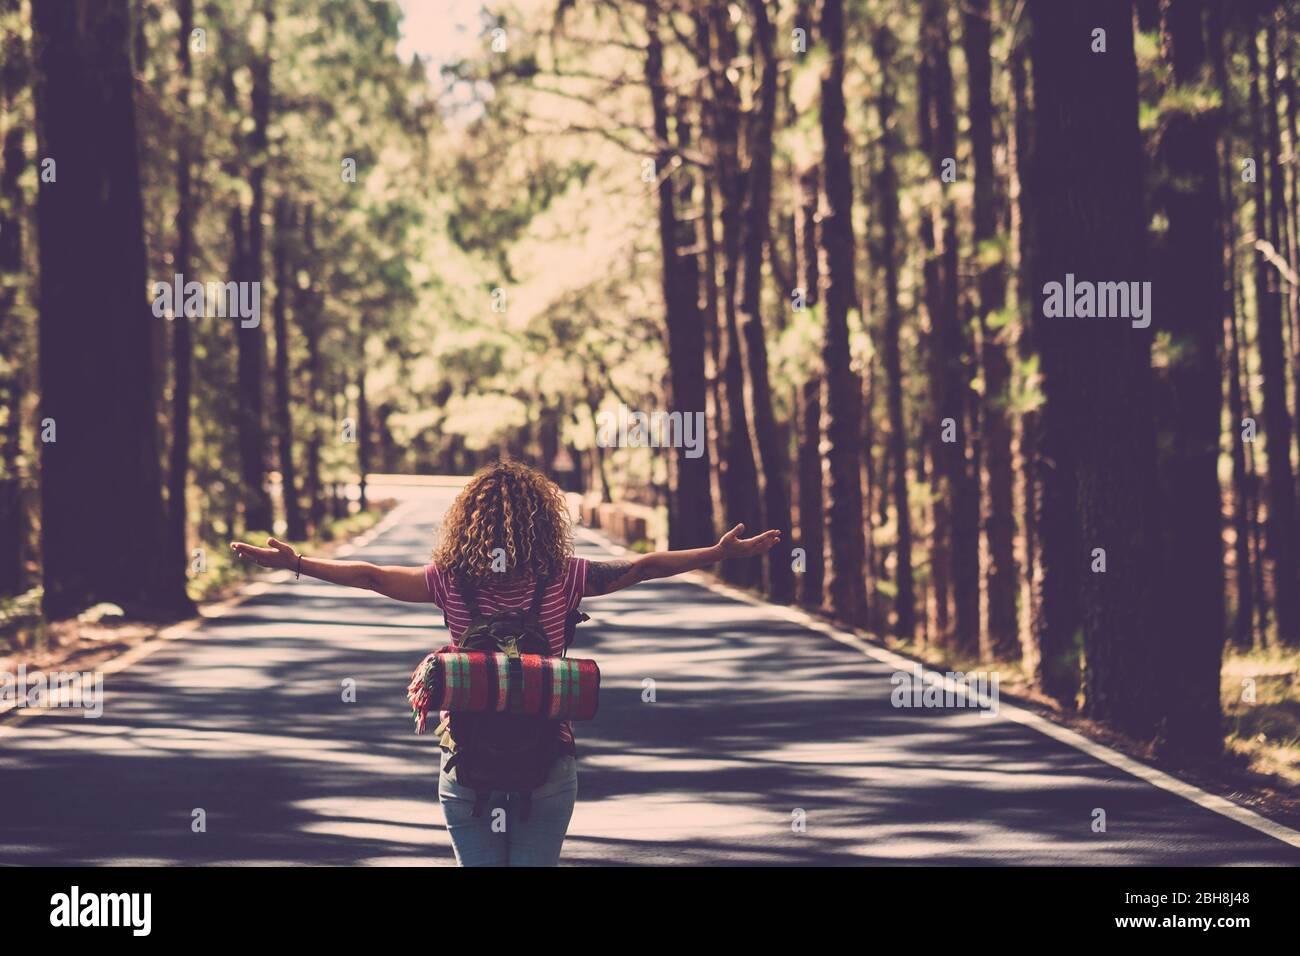 Eternità e successo soddisfazione vita concetto con la ragazza solitaria riccio hai rin il mezzo della strada lunga nella foresta con braccia aperte e zaino - wanderlust e viaggi stile persone Foto Stock